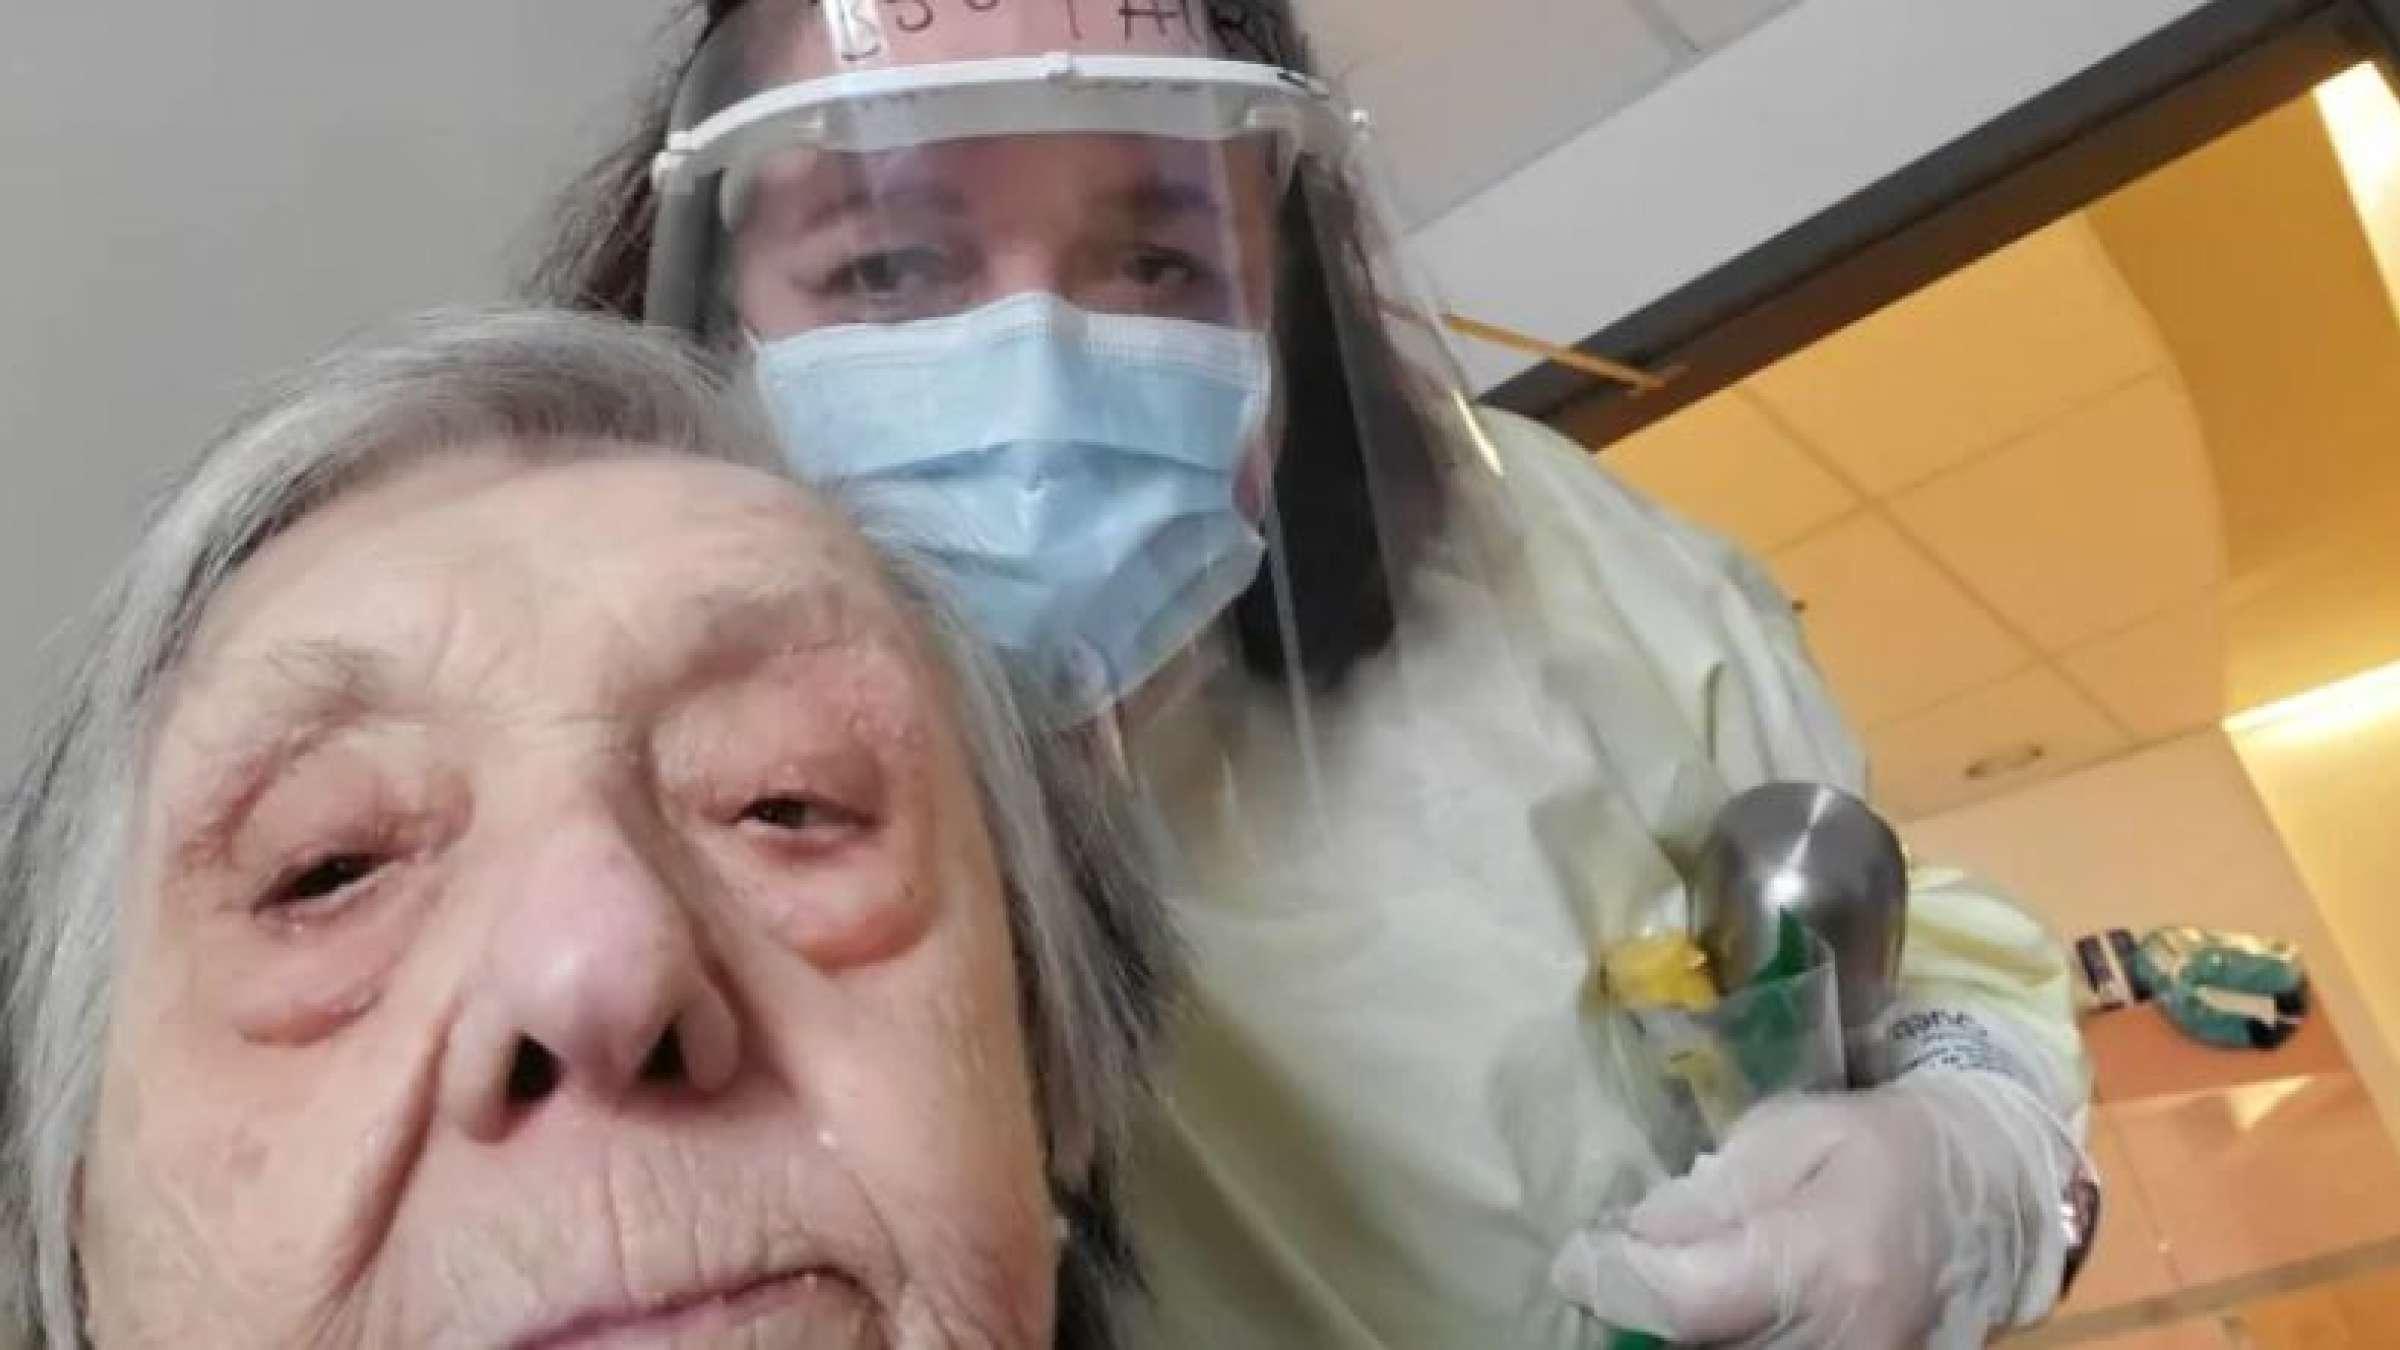 داستان-عجیب-تزریق-اشتباهی-دوز-دوم-واکسن-کرونا-به-یک-پیر-زن- 97-ساله-در-مونتریال